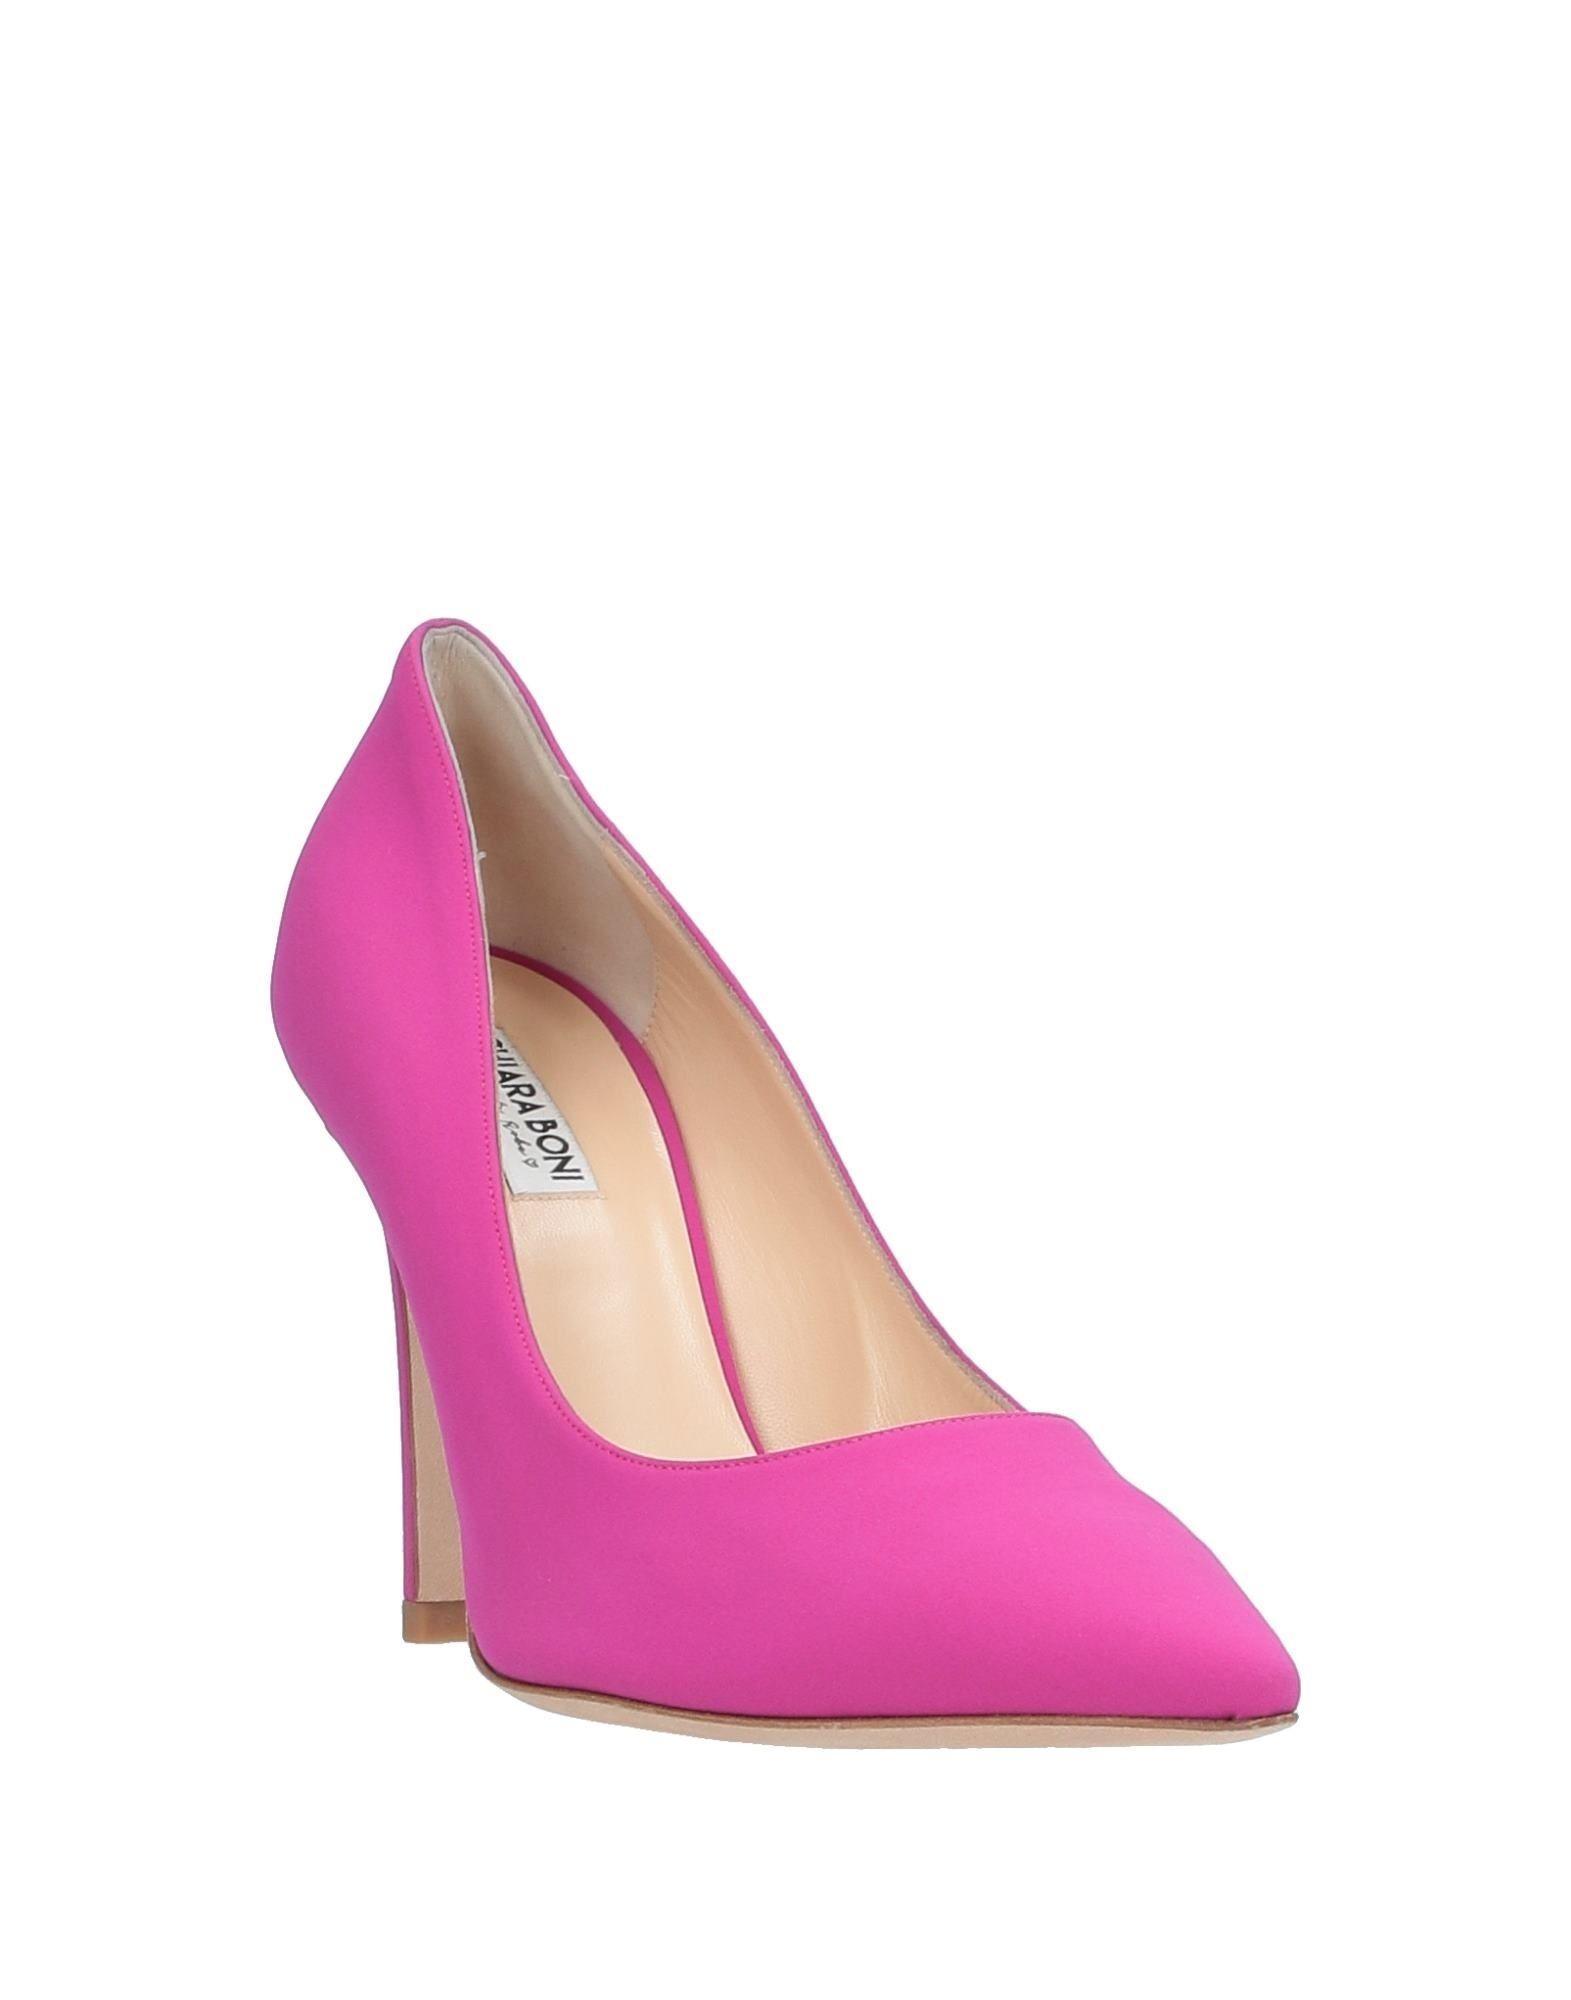 Zapatos de salón La Petite Robe Di Chiara Boni de Cuero de color Morado